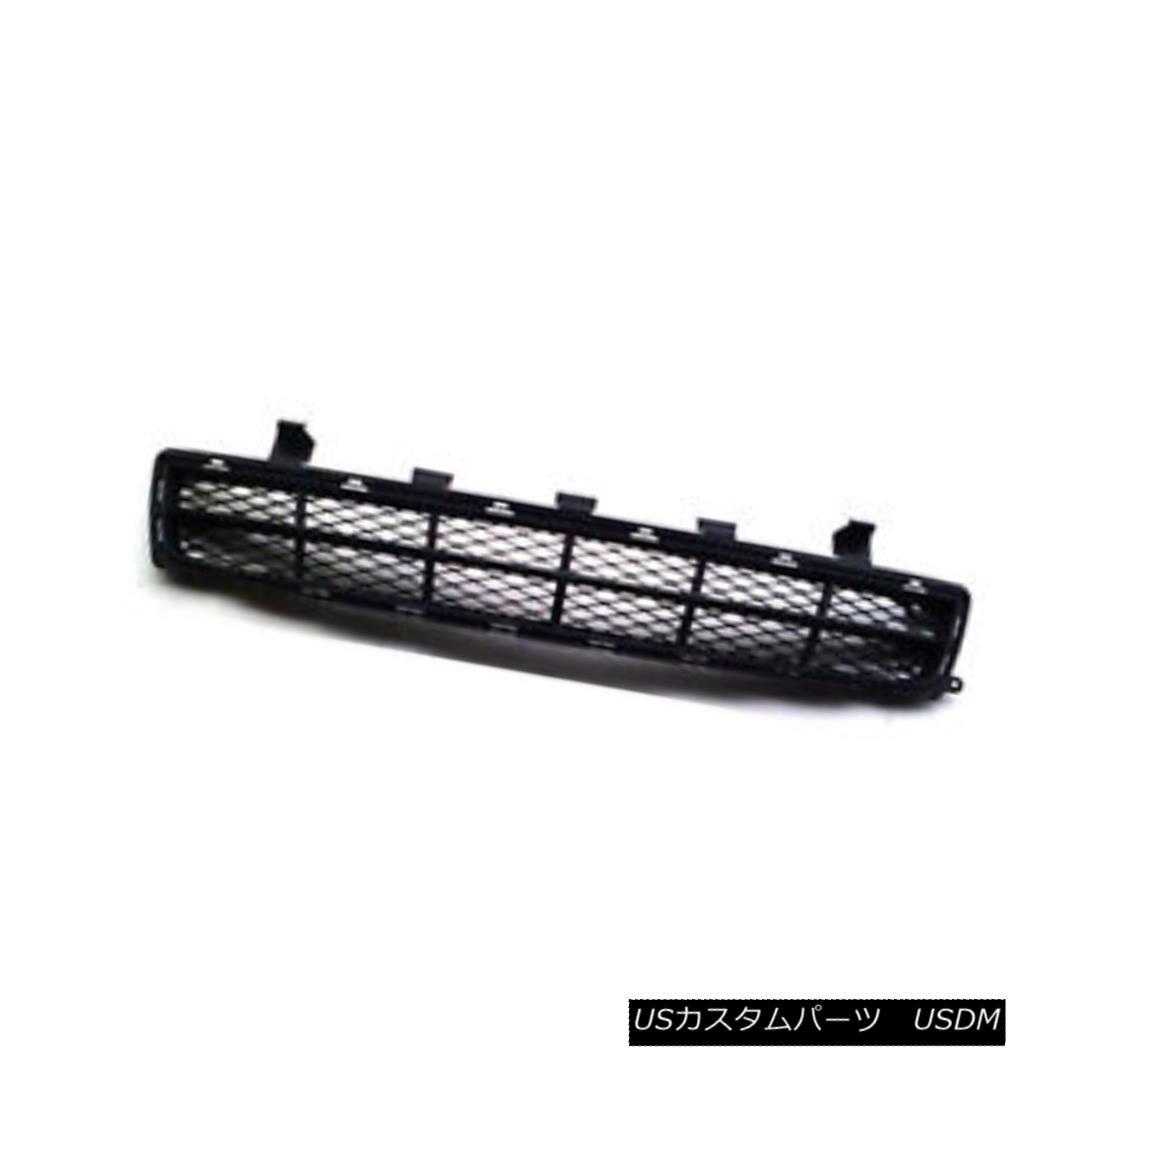 グリル New Replacement Bumper Cover Grille for CXL / CXS Models 104-2211 CXL / CXSモデル用新しい交換バンパーカバーグリル104-2211